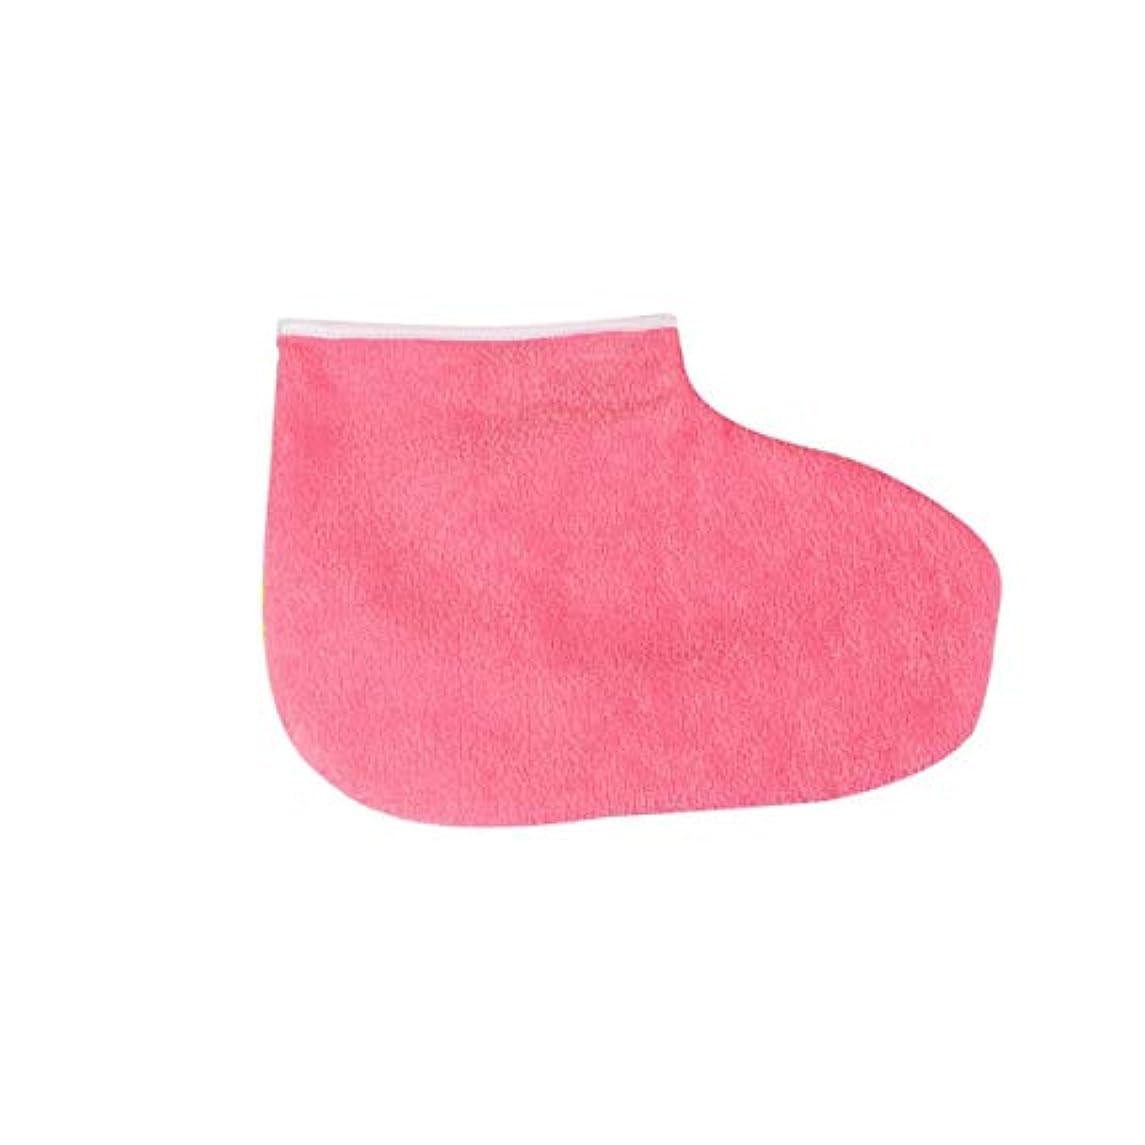 祖母お母さん願うIntercorey 1ペアパラフィンワックス保護フットマスク手袋足肌保湿スリーブ美白角質除去ソックス